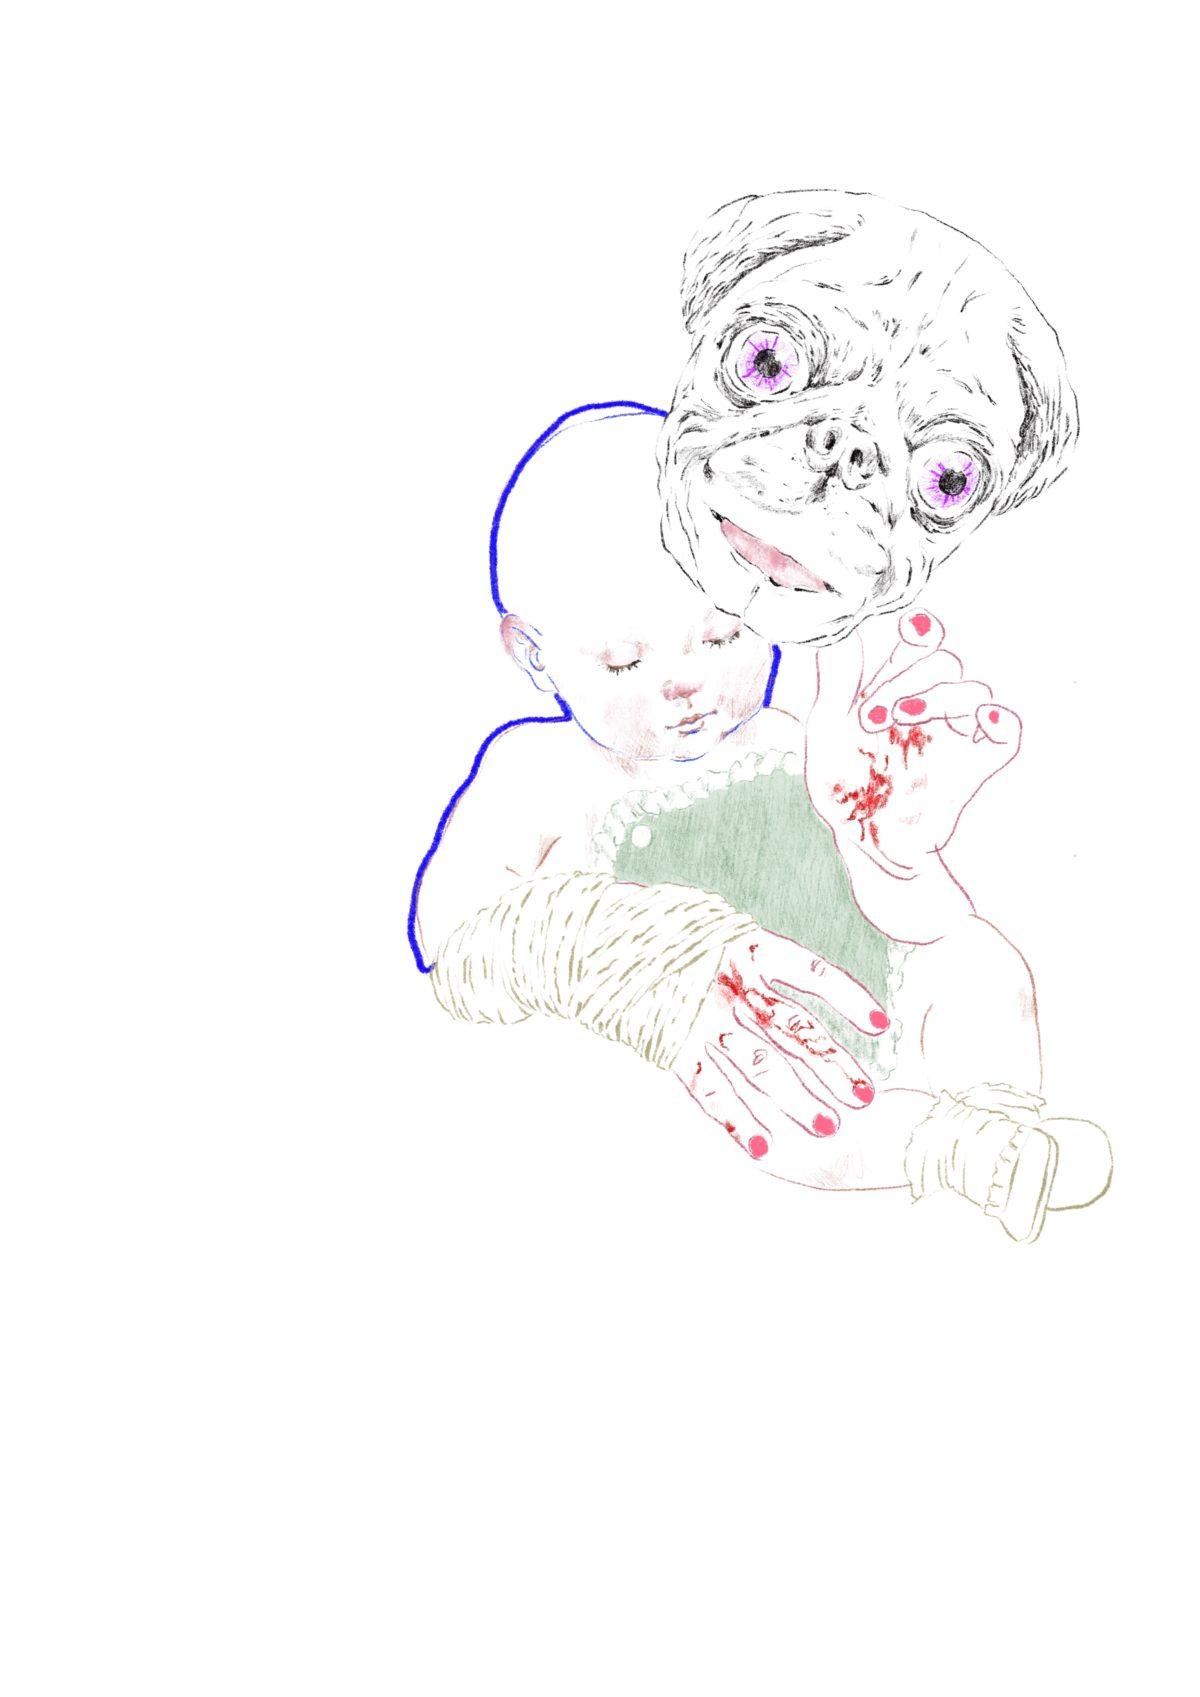 Petits à petites dessin numérique illustration Cécile Alvarez